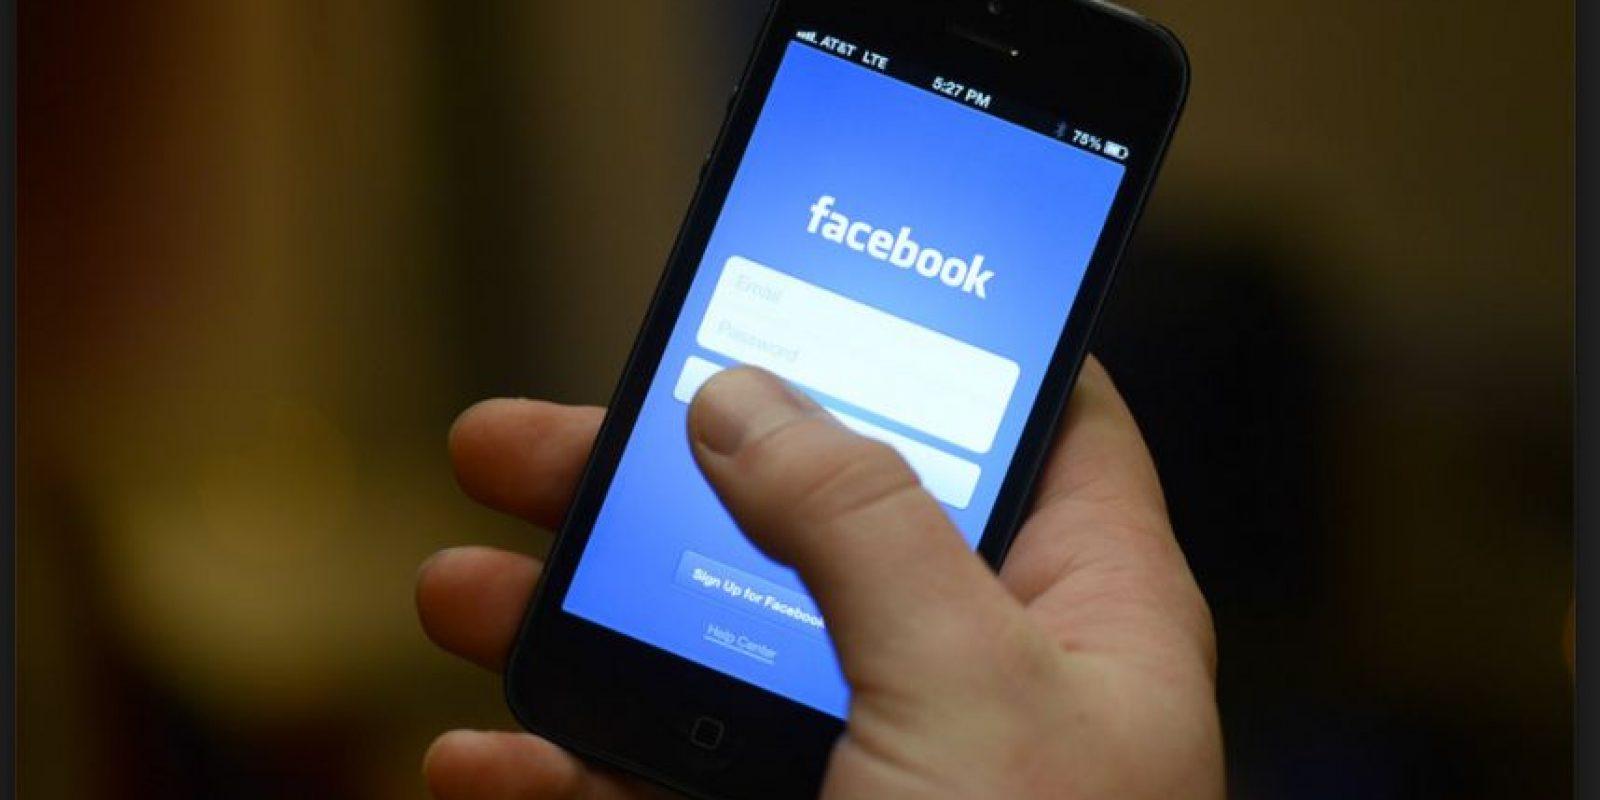 Facebook demostró con ello el interés que tiene por hacer de Messenger una plataforma de compras Foto:Getty Images